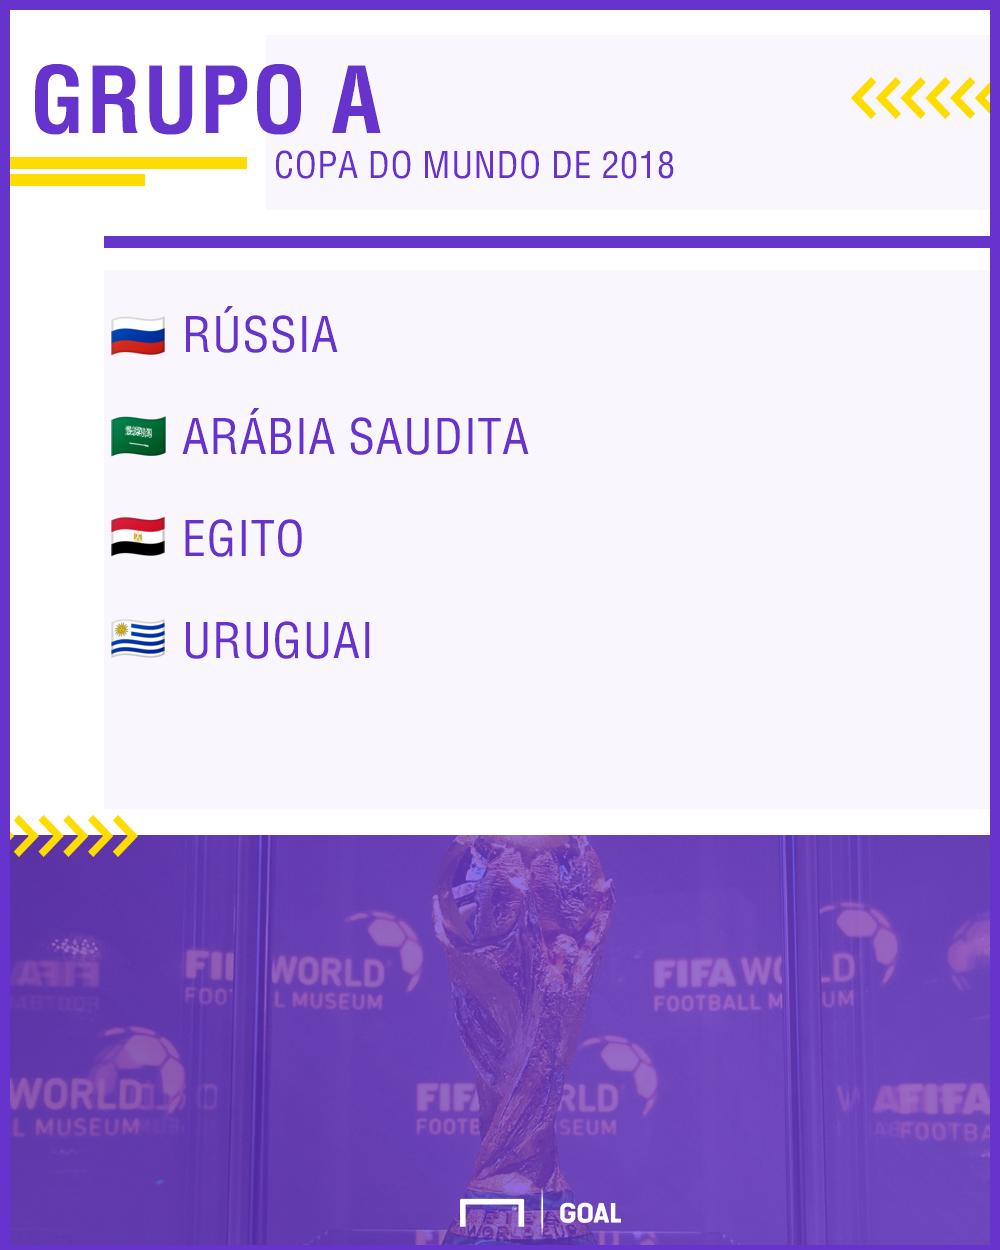 GFX Grupo A Copa do Mundo 2018